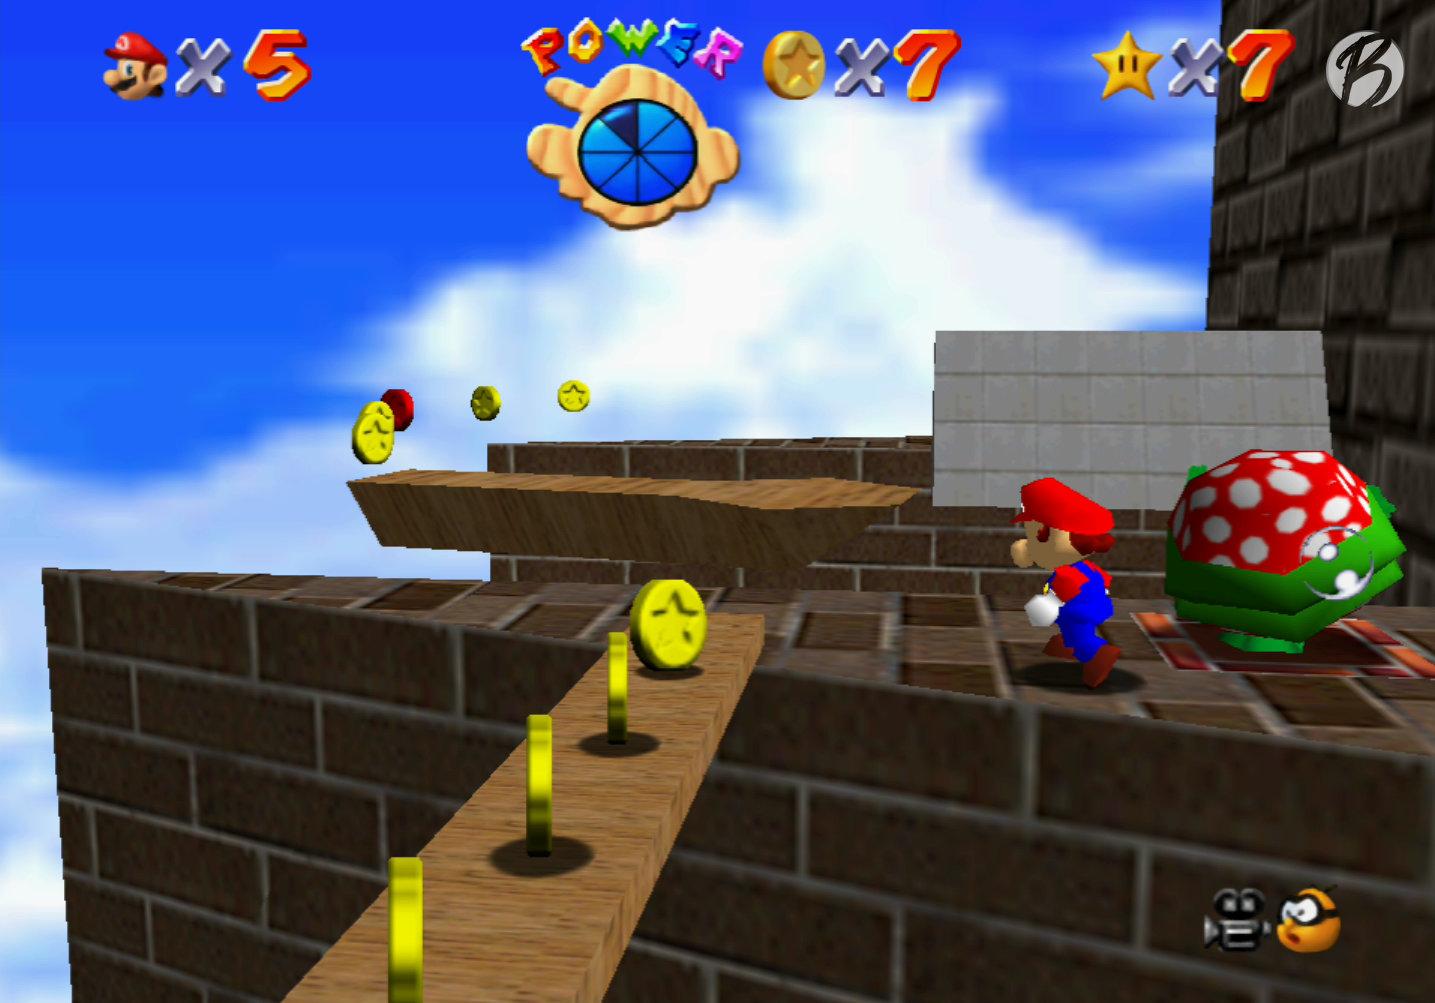 Super Mario 3D All-Stars - Super Mario 64 - Nicht aufwecken!